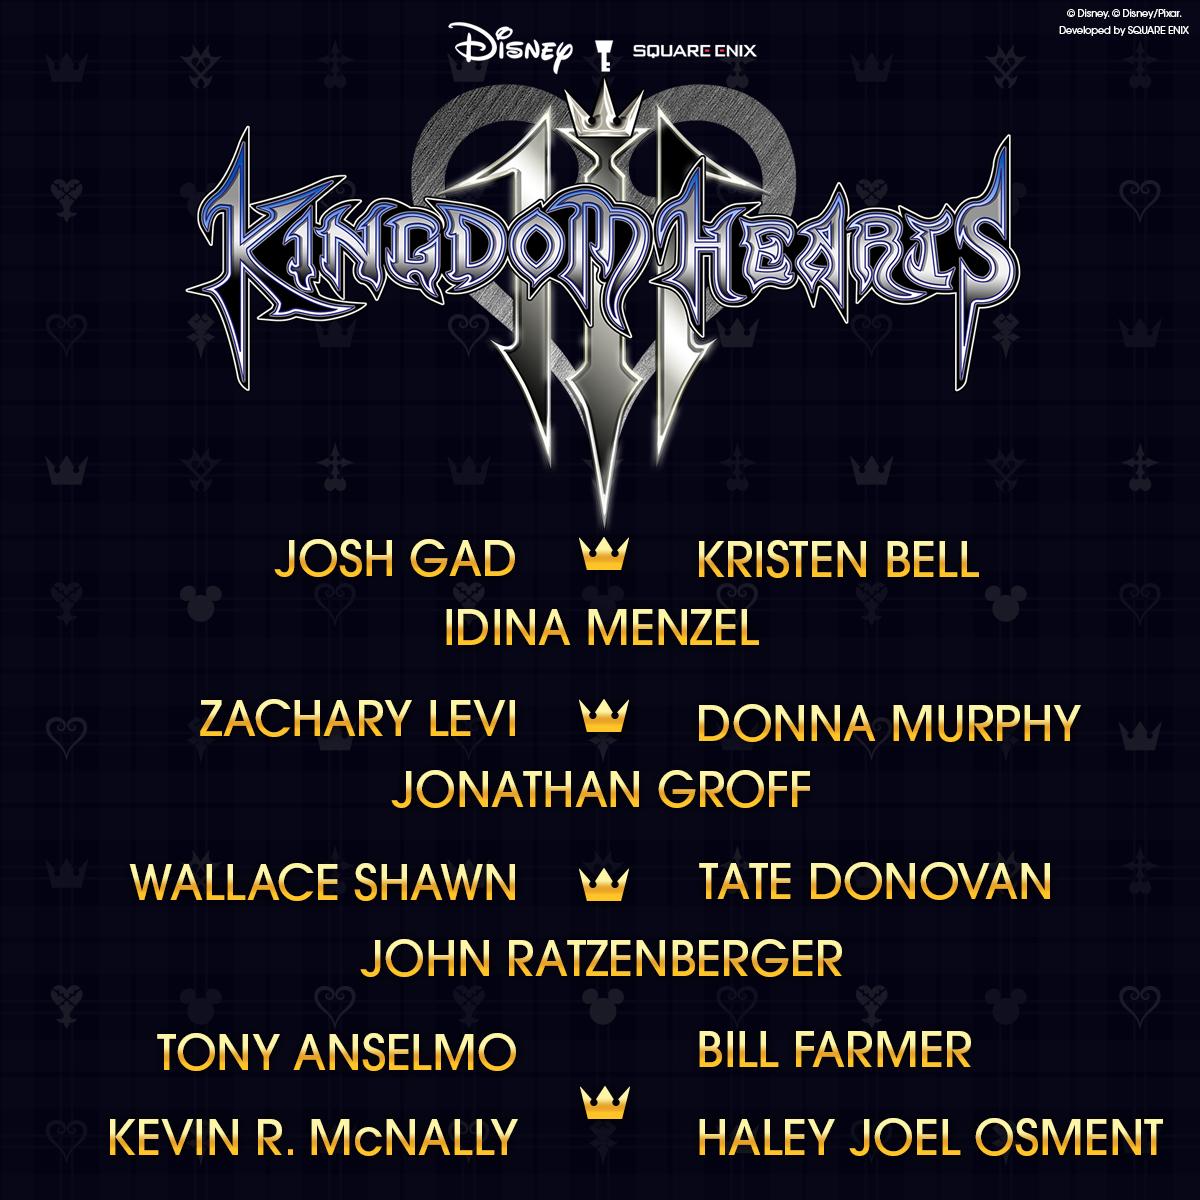 conoce-el-reparto-de-actores-tras-kingdom-hearts-3-frikigamers.com